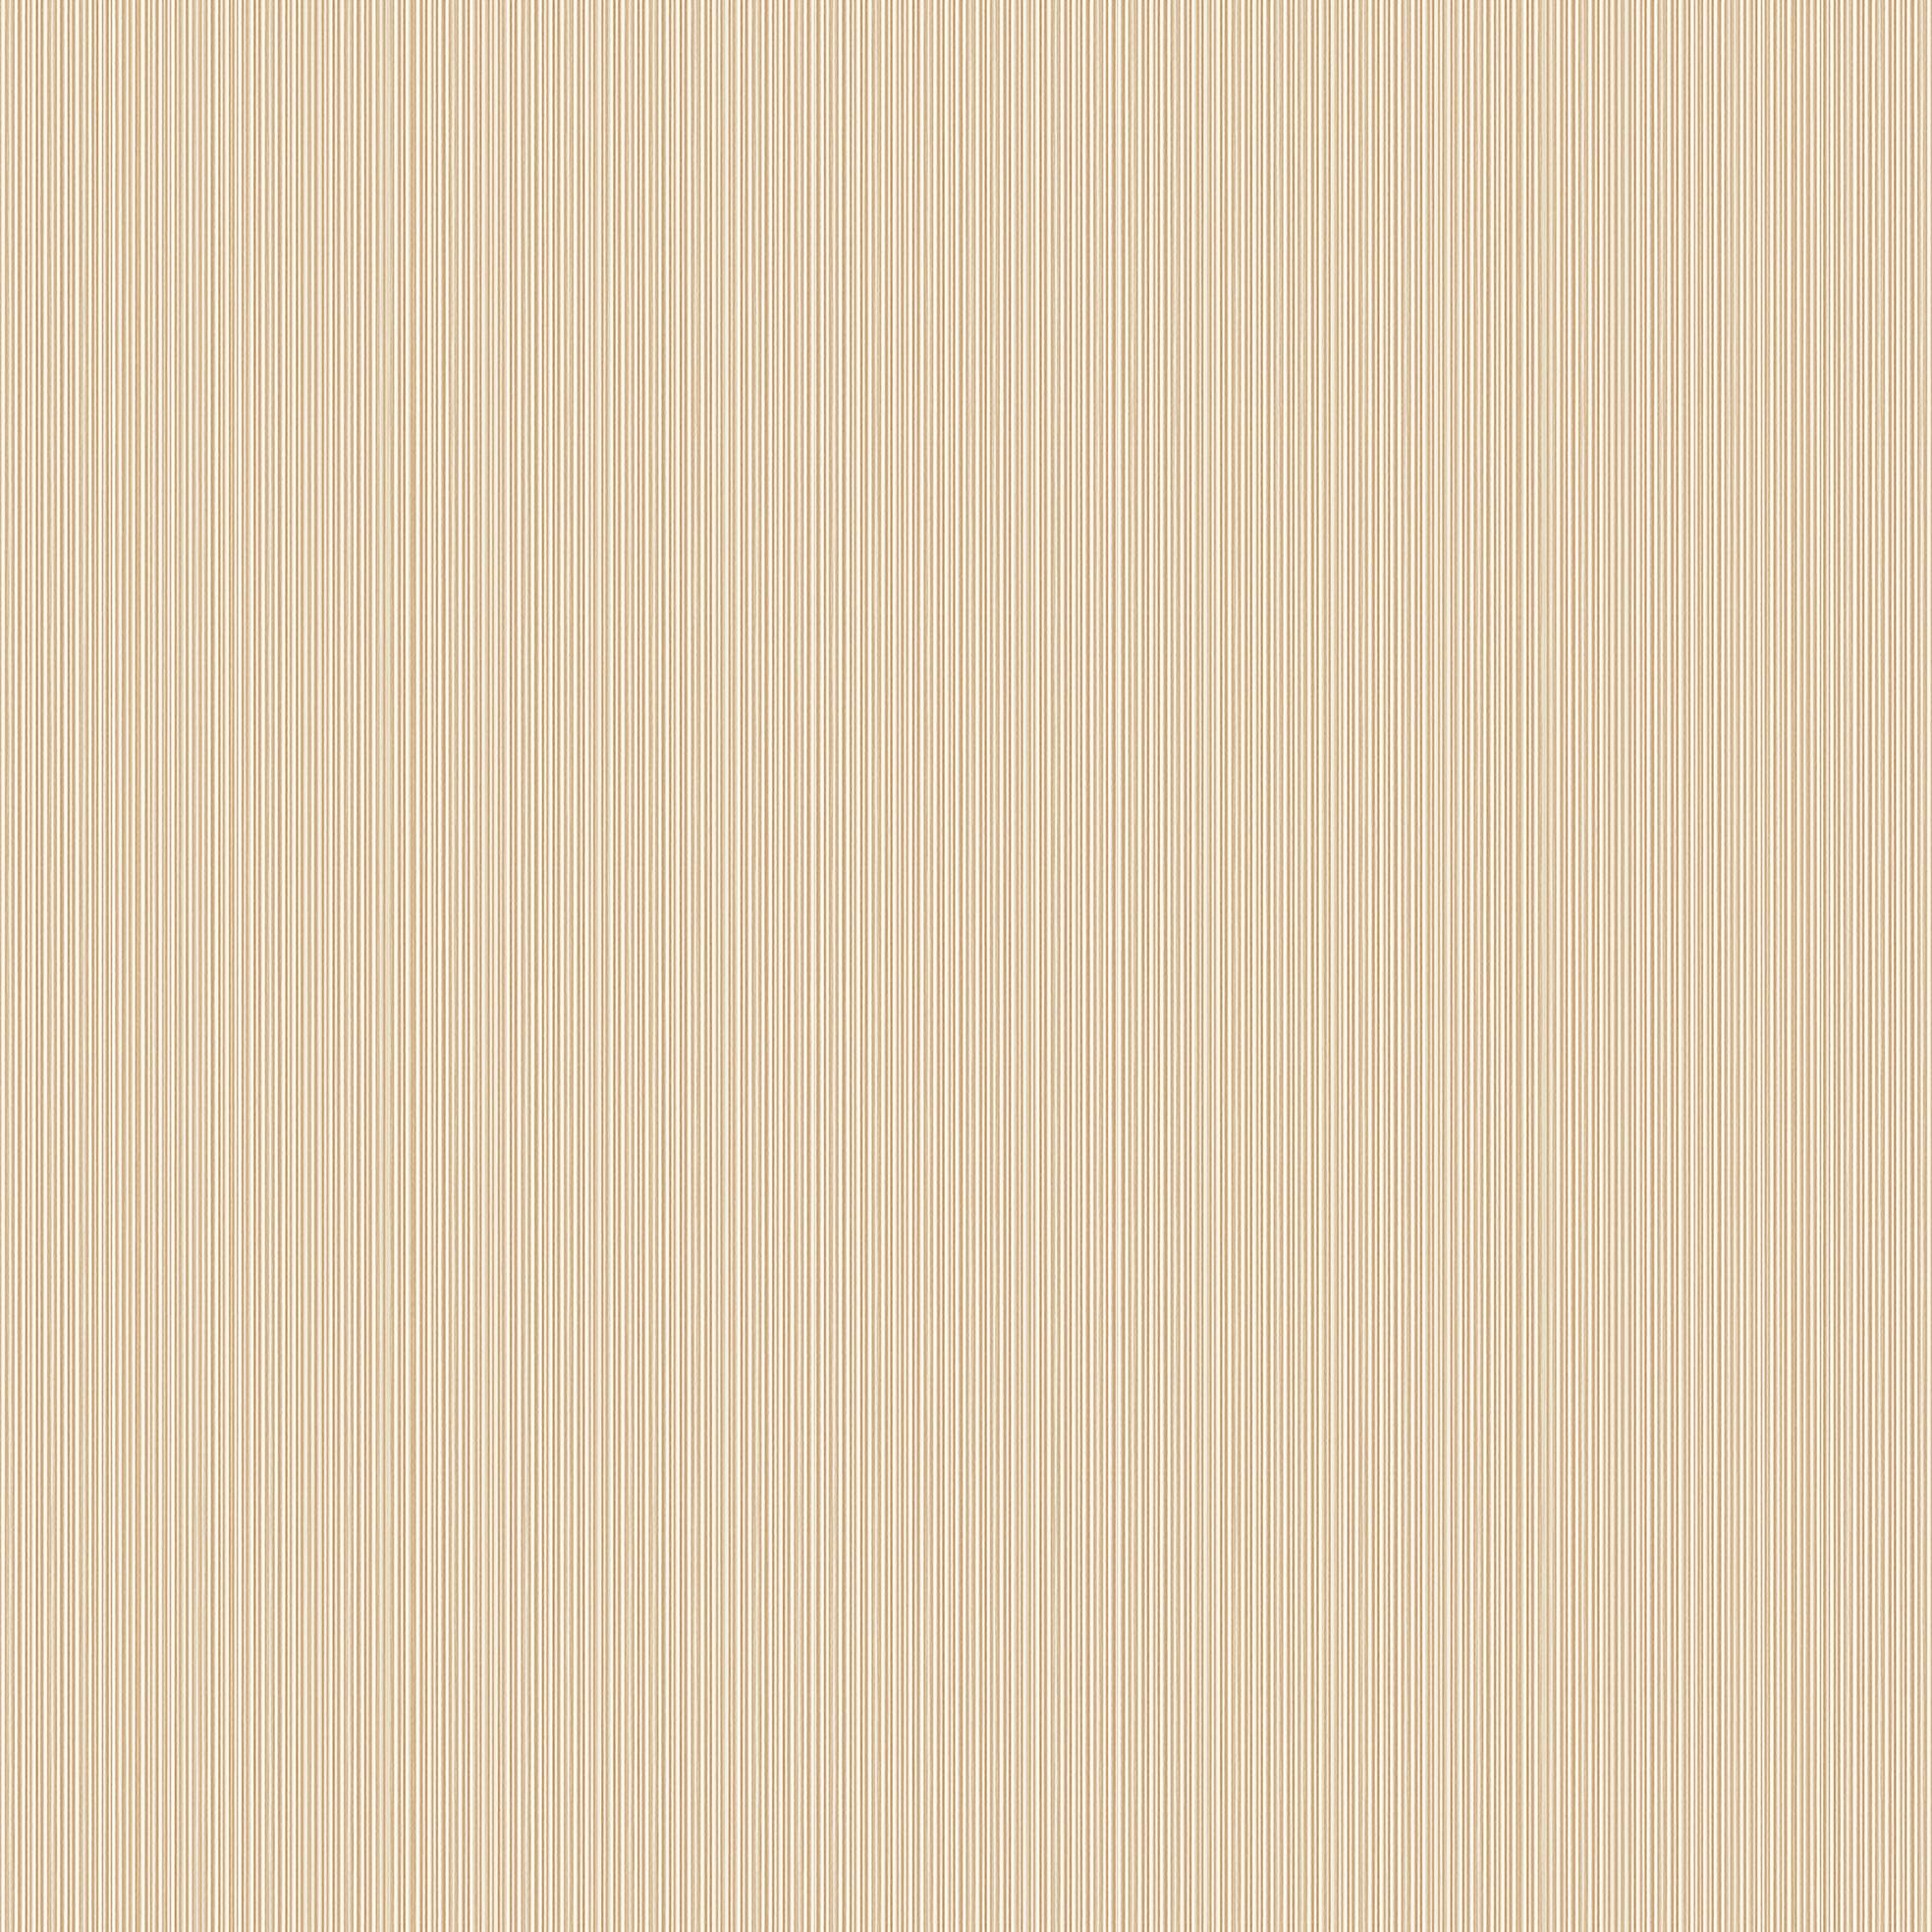 Mariscos Плитка напольная Crema 33,3x33,3 напольная плитка sichenia essenze abete ret 30x120